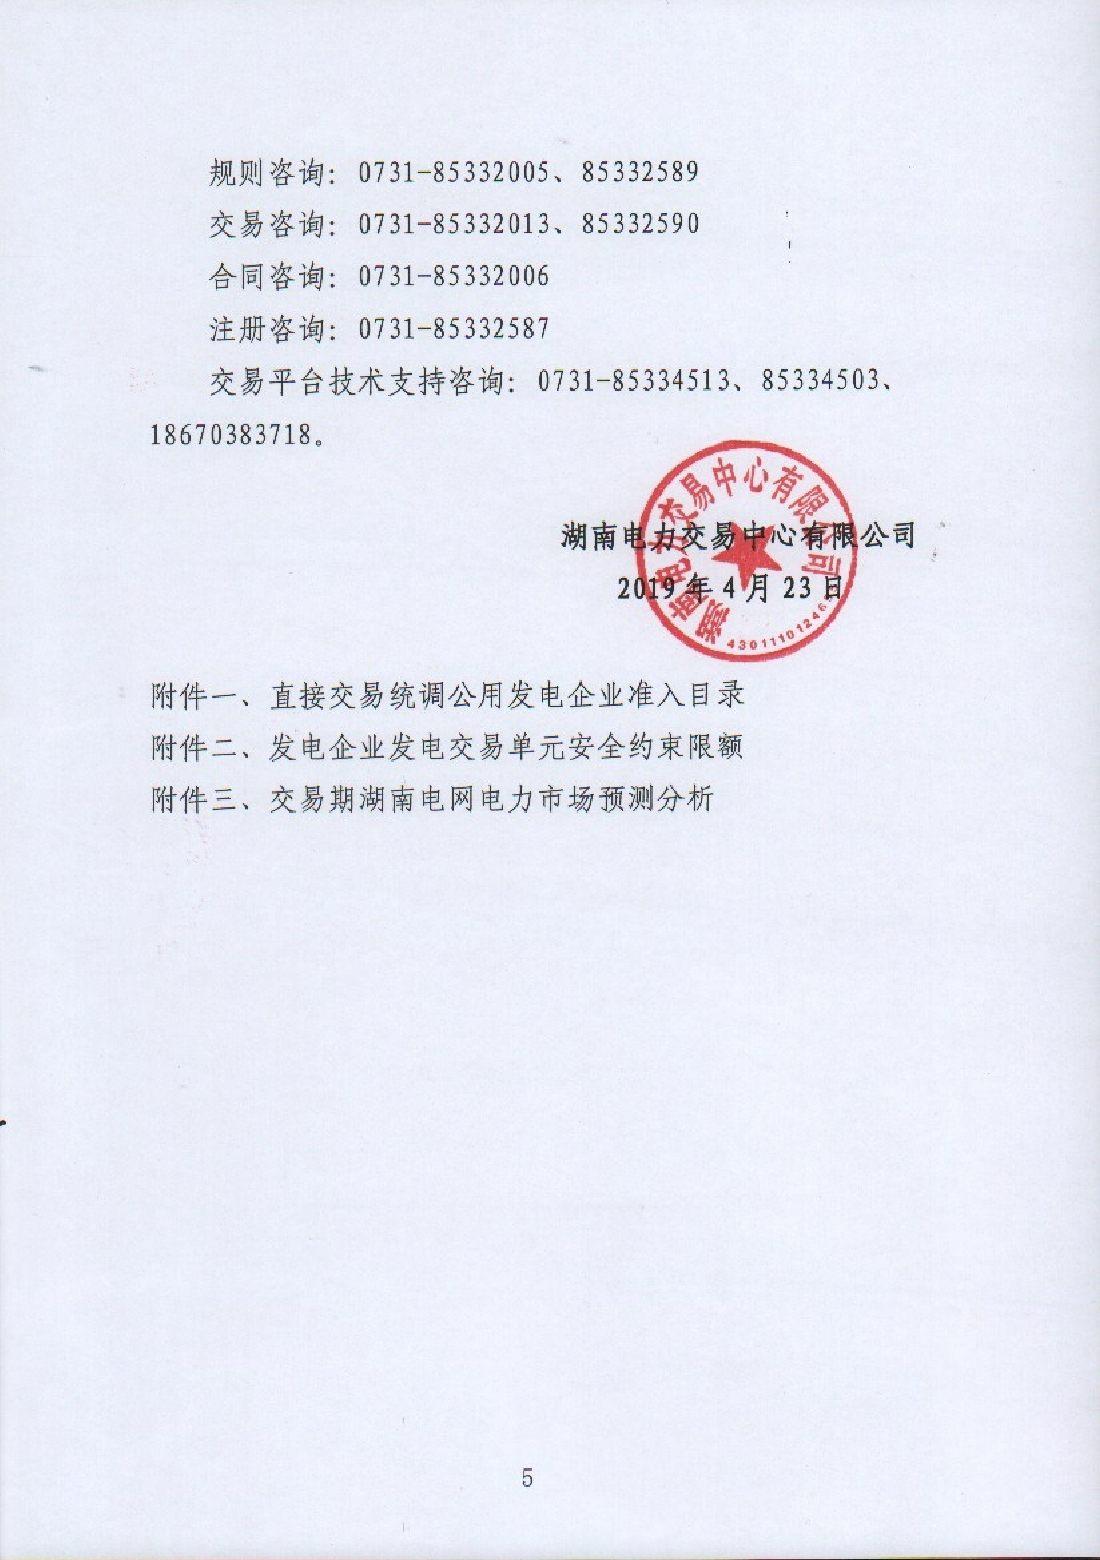 2019年第5號交易公告(擴需增發專場交易).pdf_page_5_compressed.jpg